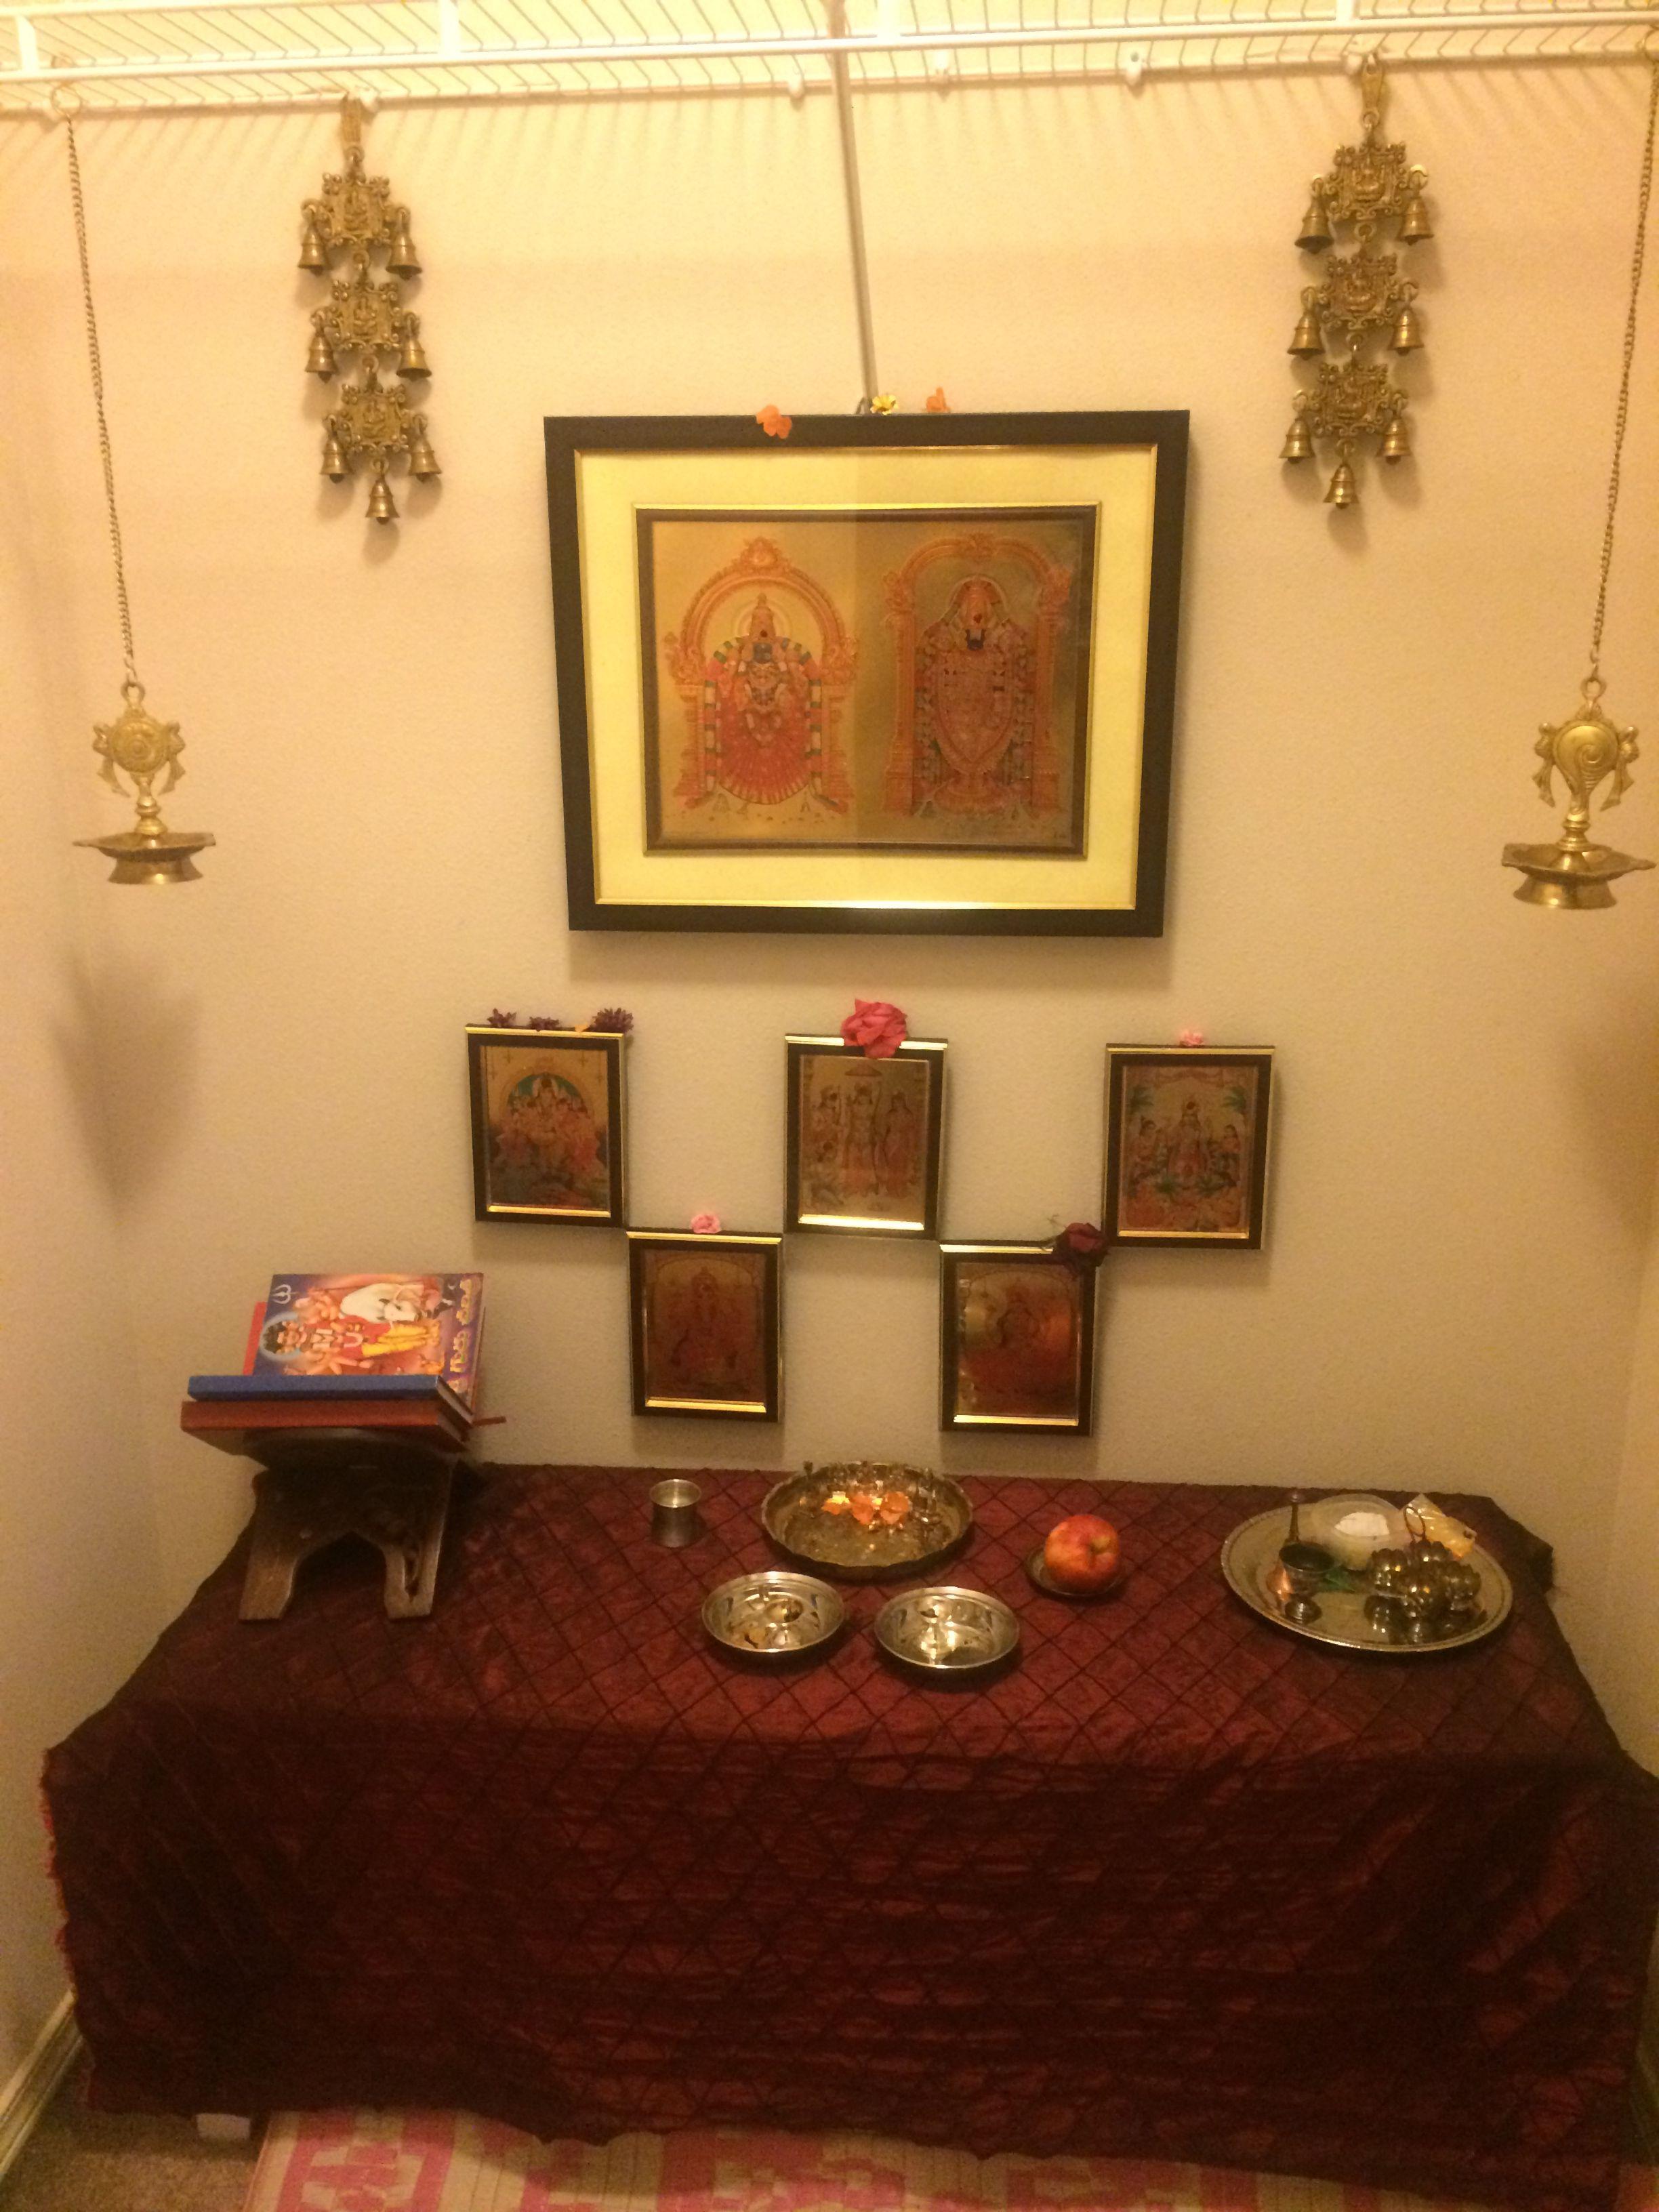 Pooja Mandir | Pooja rooms, Puja room, Pooja room design